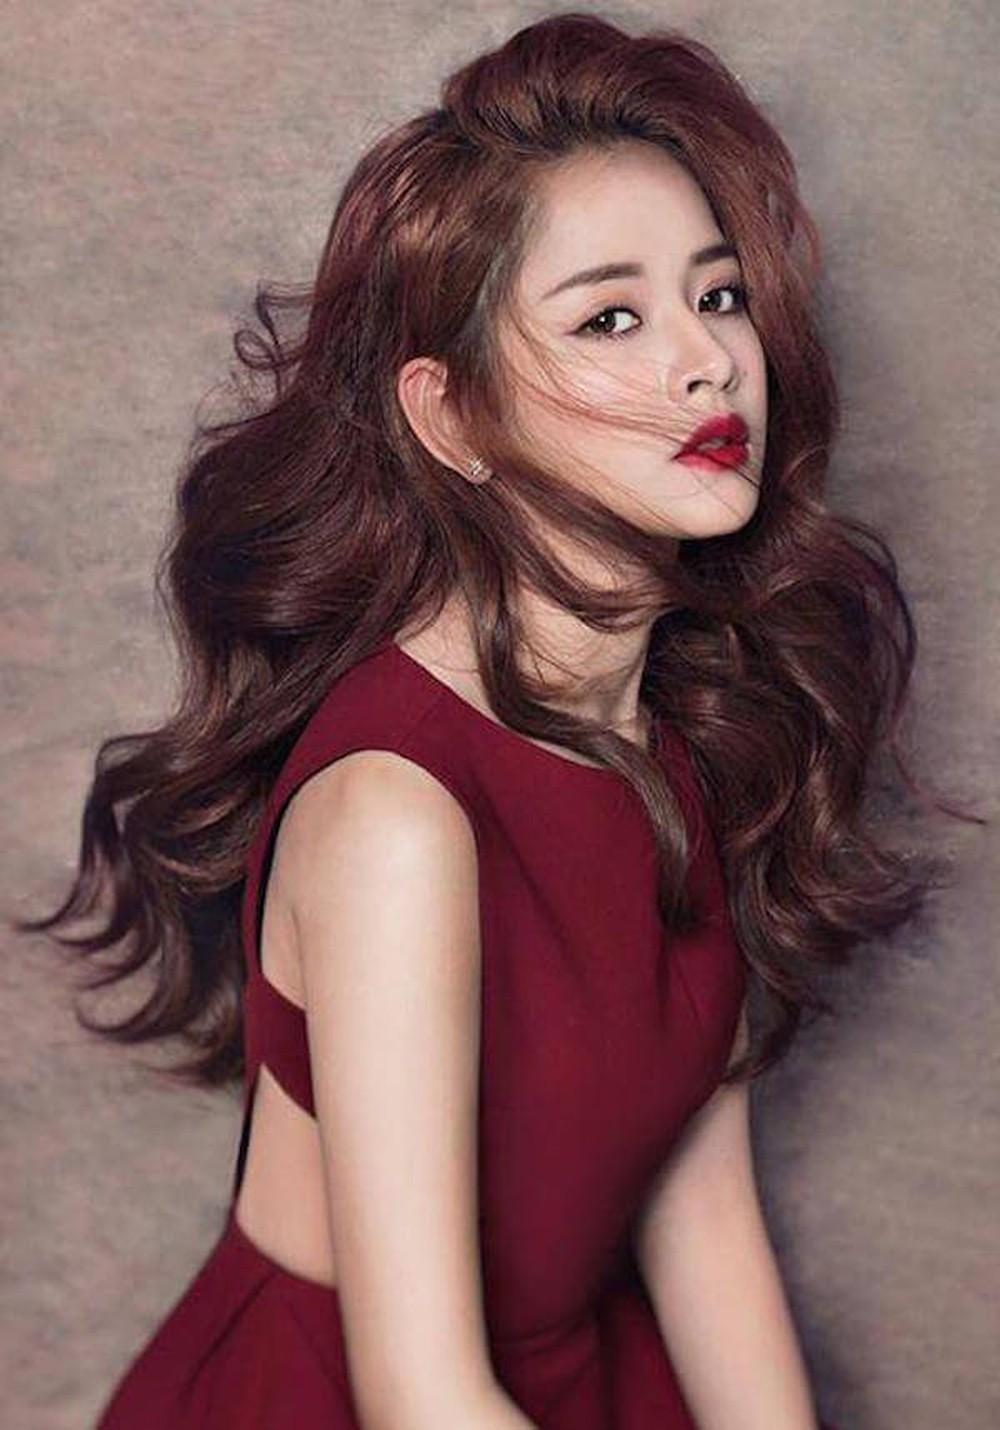 Những xu hướng màu tóc 2020 dành cho mọi cô nàng sành điệu - Ảnh 8